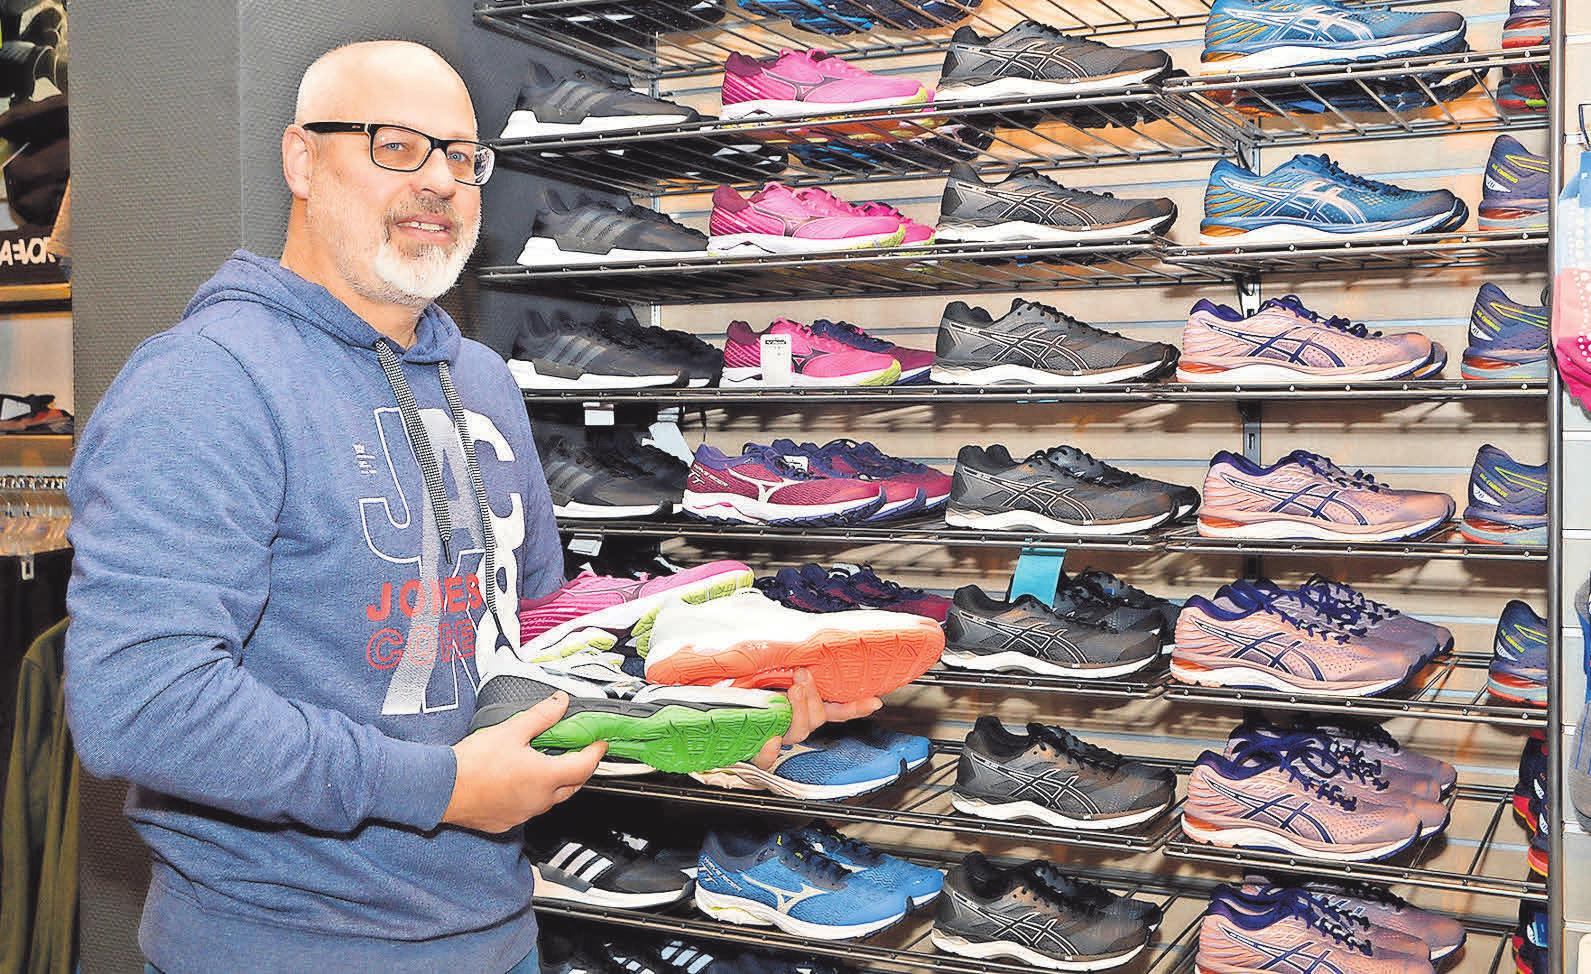 Jürgen Schulz zeigt einige Modelle der Marke Mizuno. Am verkaufsoffenen Sonntag wird ein Test-Van eine große Auswahl an Sportschuhen dieses Herstellers mitbringen.